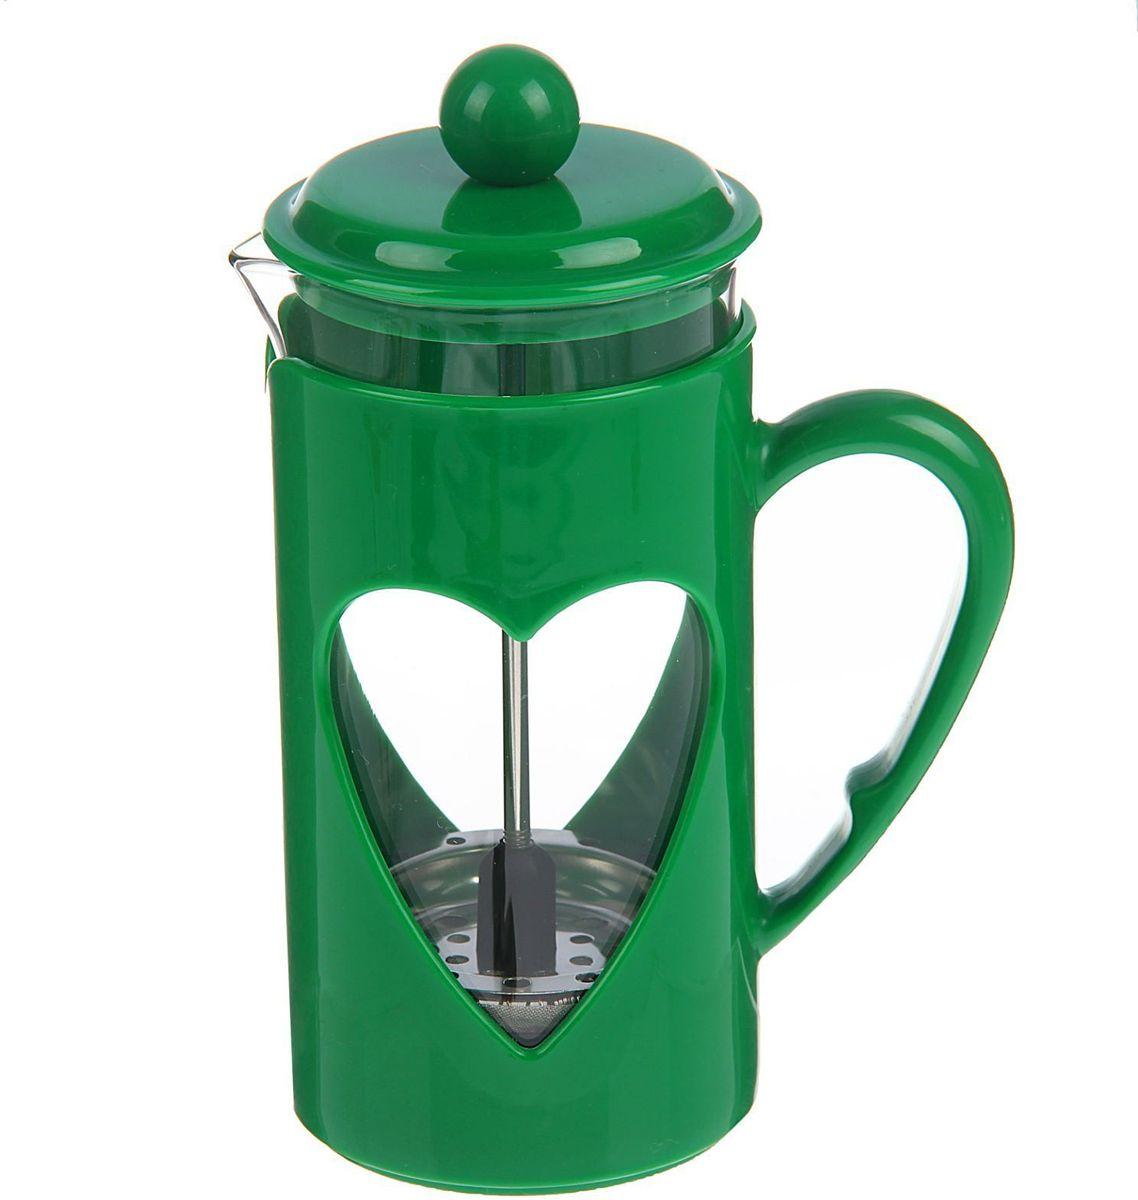 Френч-пресс Доляна Комплимент, цвет: зеленый, прозрачный, 350 млFS-91909Френч-пресс Доляна Комплимент - замечательное приспособление для приготовления чая и кофе. Он пользуется огромным спросом у любителей этих напитков, ведь изделие довольно простое в использовании и имеет ряд преимуществ. Чай в нем быстрее заваривается, емкость позволяет наиболее полно раскрыться вкусовым качествам напитка. Вы можете готовить кофе и чай с любимыми специями и травами.Чтобы приготовить кофе, сначала вам нужно перемолоть зерна. Степень помола - грубая. Вскипятите воду. Насыпьте кофе в изделие и медленно залейте его кипятком из чайника. Наполните приспособление до середины, подождите 1 минуту и долейте остальное. Накройте крышкой, пусть напиток настоится еще 3 минуты. Медленно опустите поршень. Оставьте кофе на 3 минуты, чтобы опустился осадок. Ваш напиток готов!